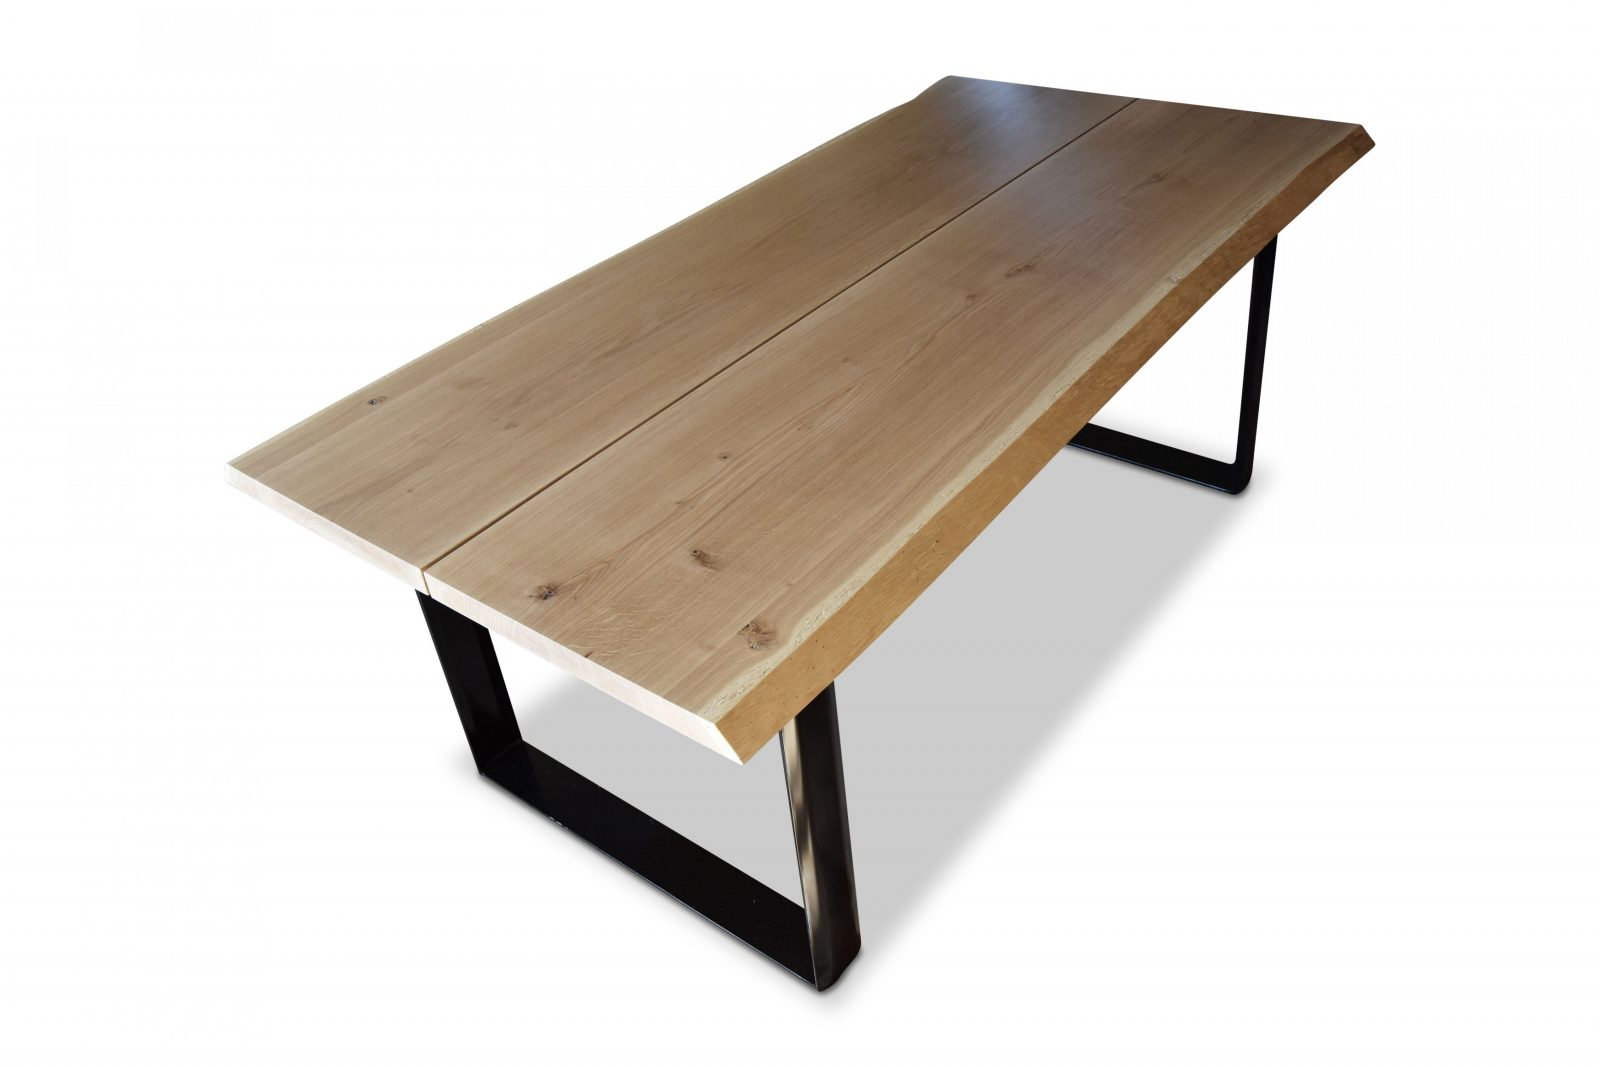 Esstisch Eiche Massivholz Nach Maß Esszimmer Klassisch Modern Design von Tischplatte Outdoor Nach Maß Bild